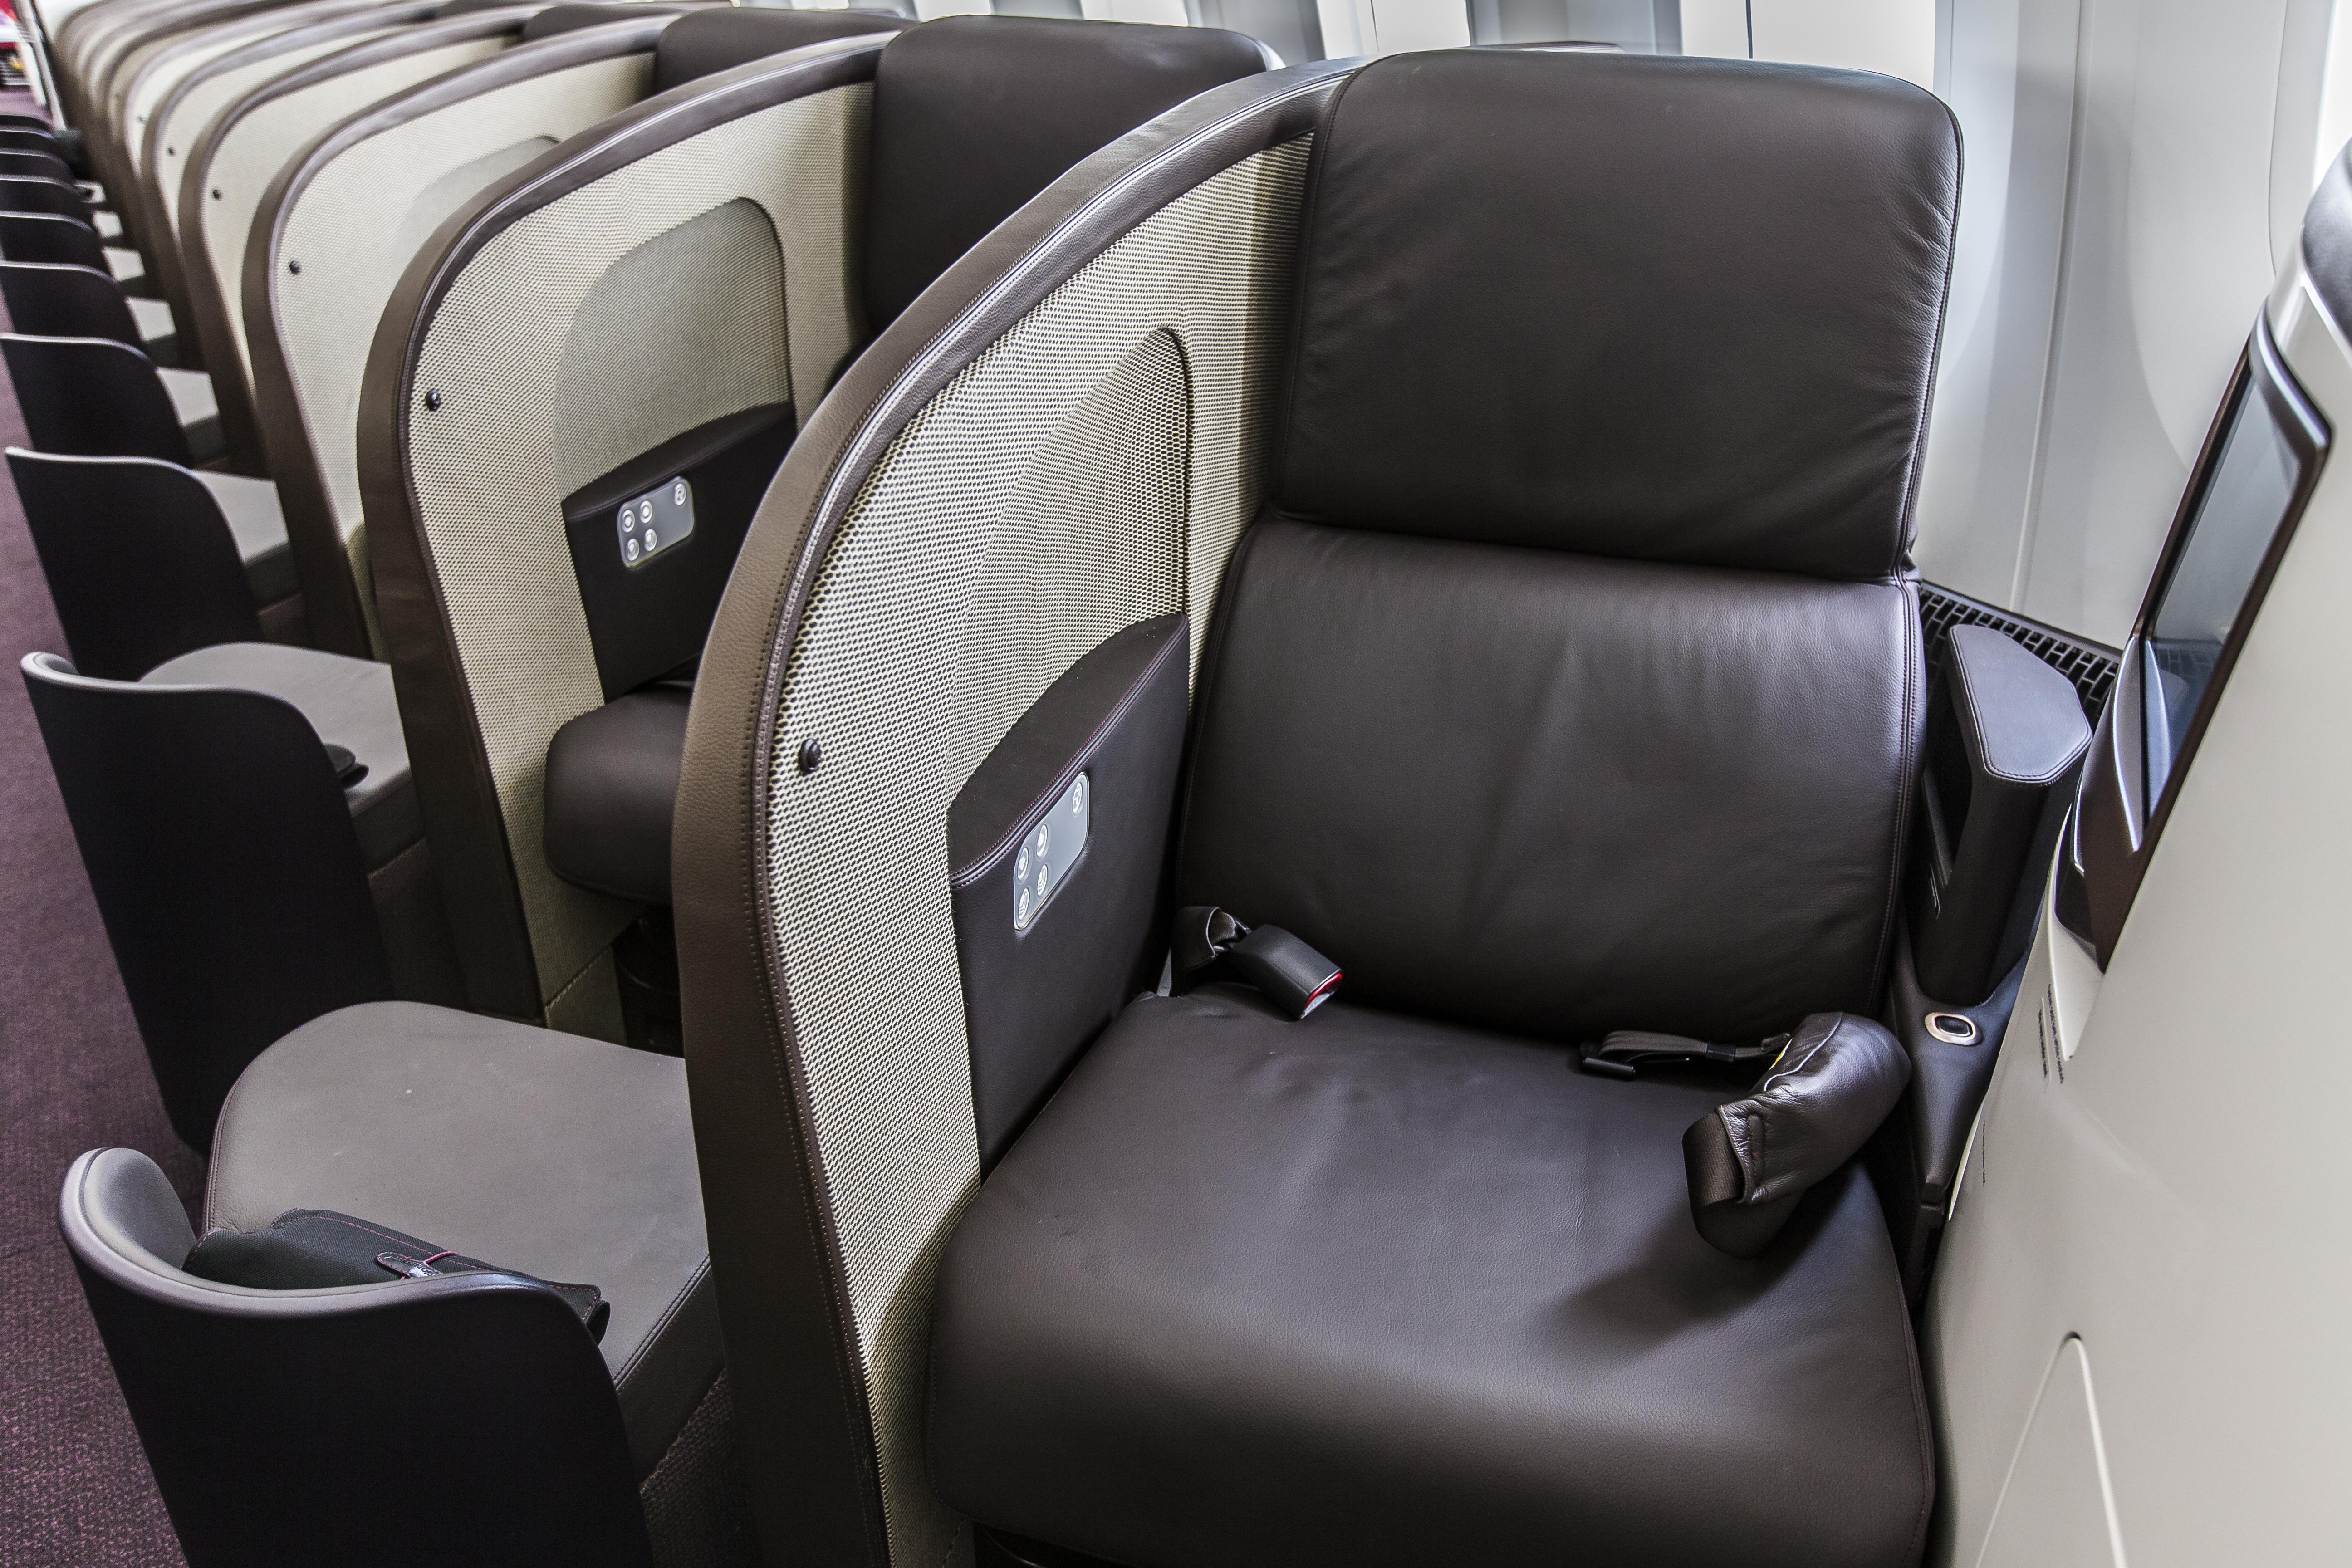 Virgin B787 Upper class review